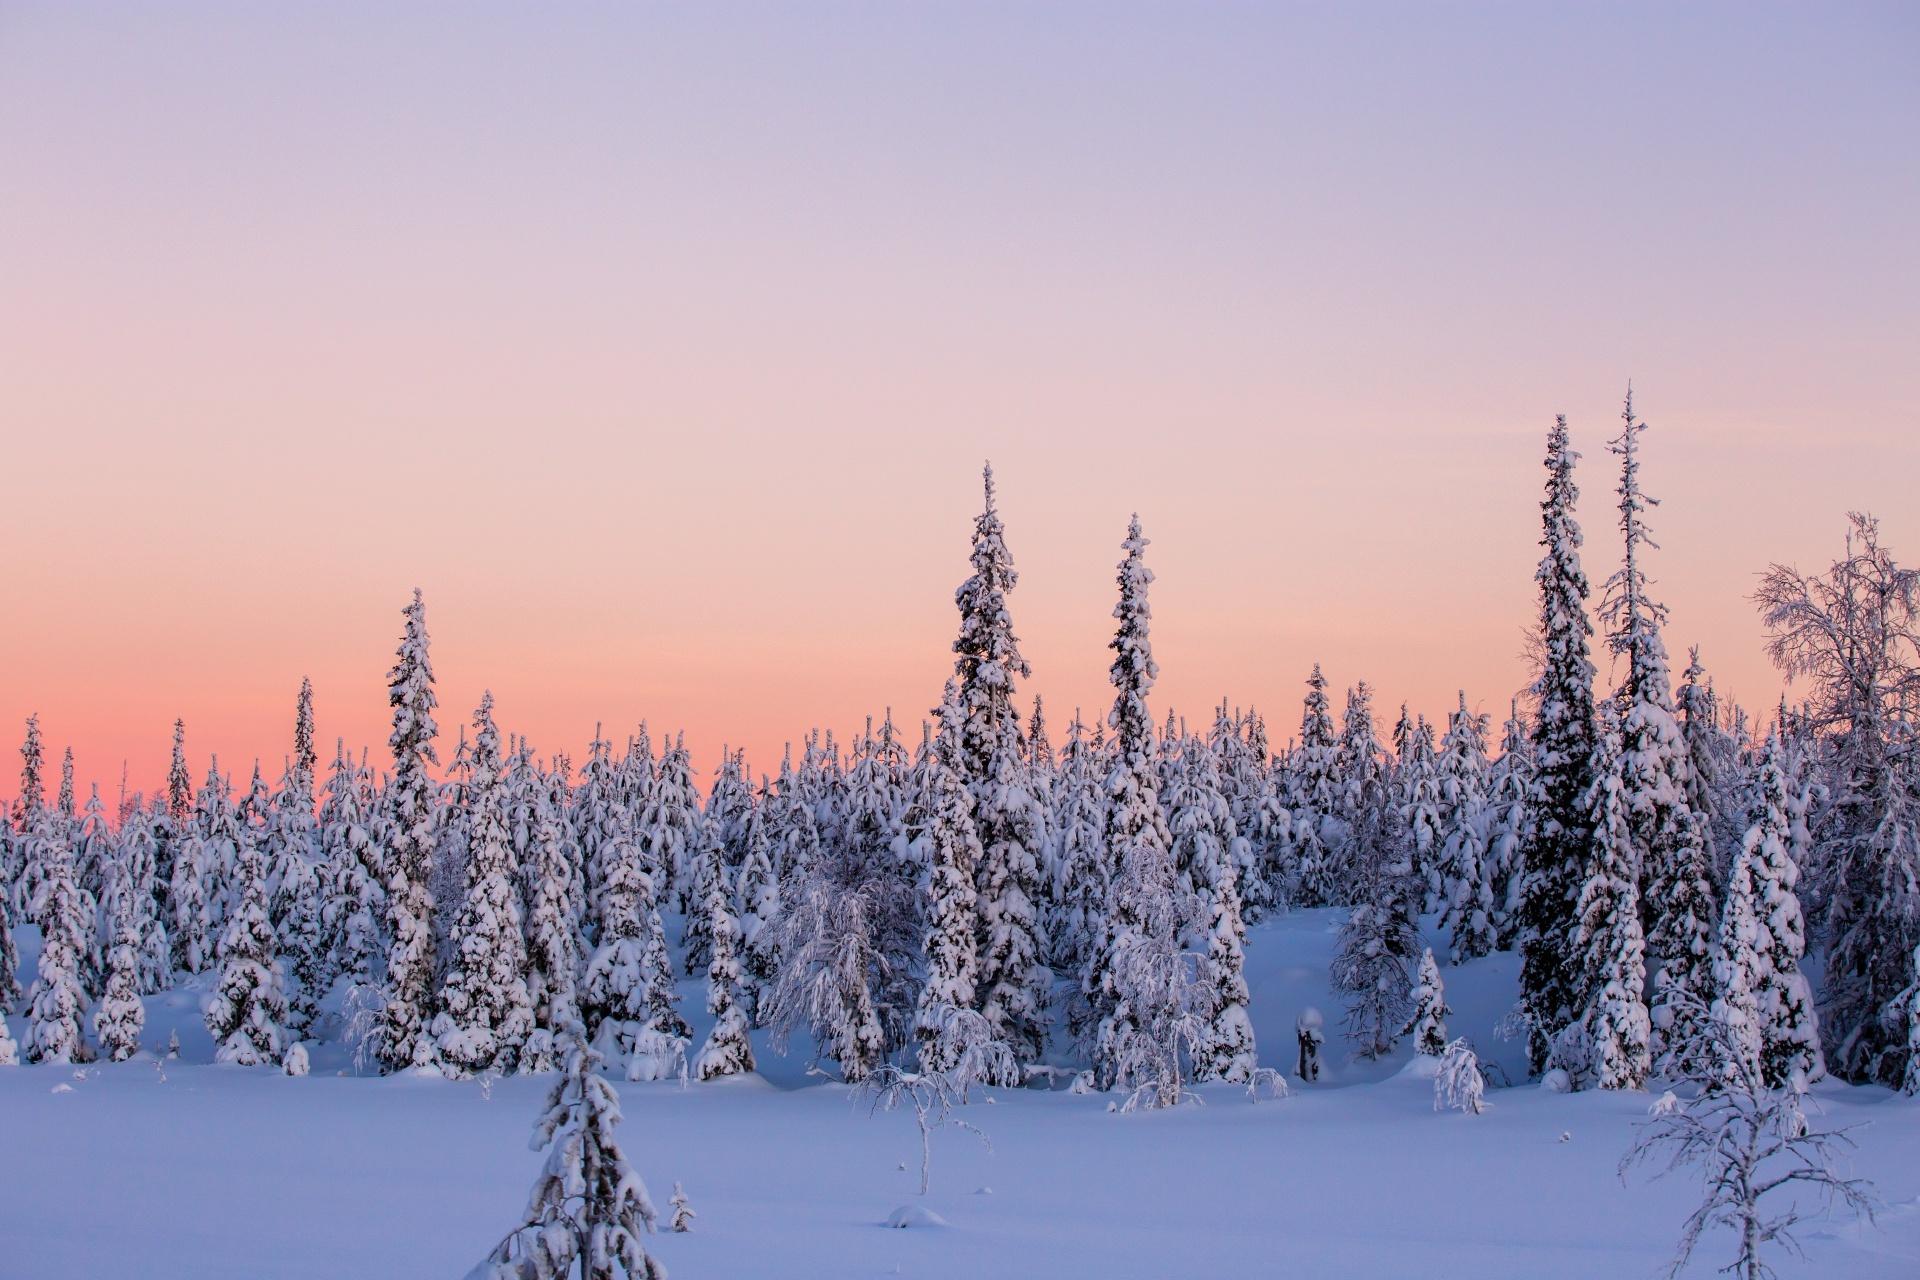 冬の夕暮れのラップランドの風景 フィンランドの風景